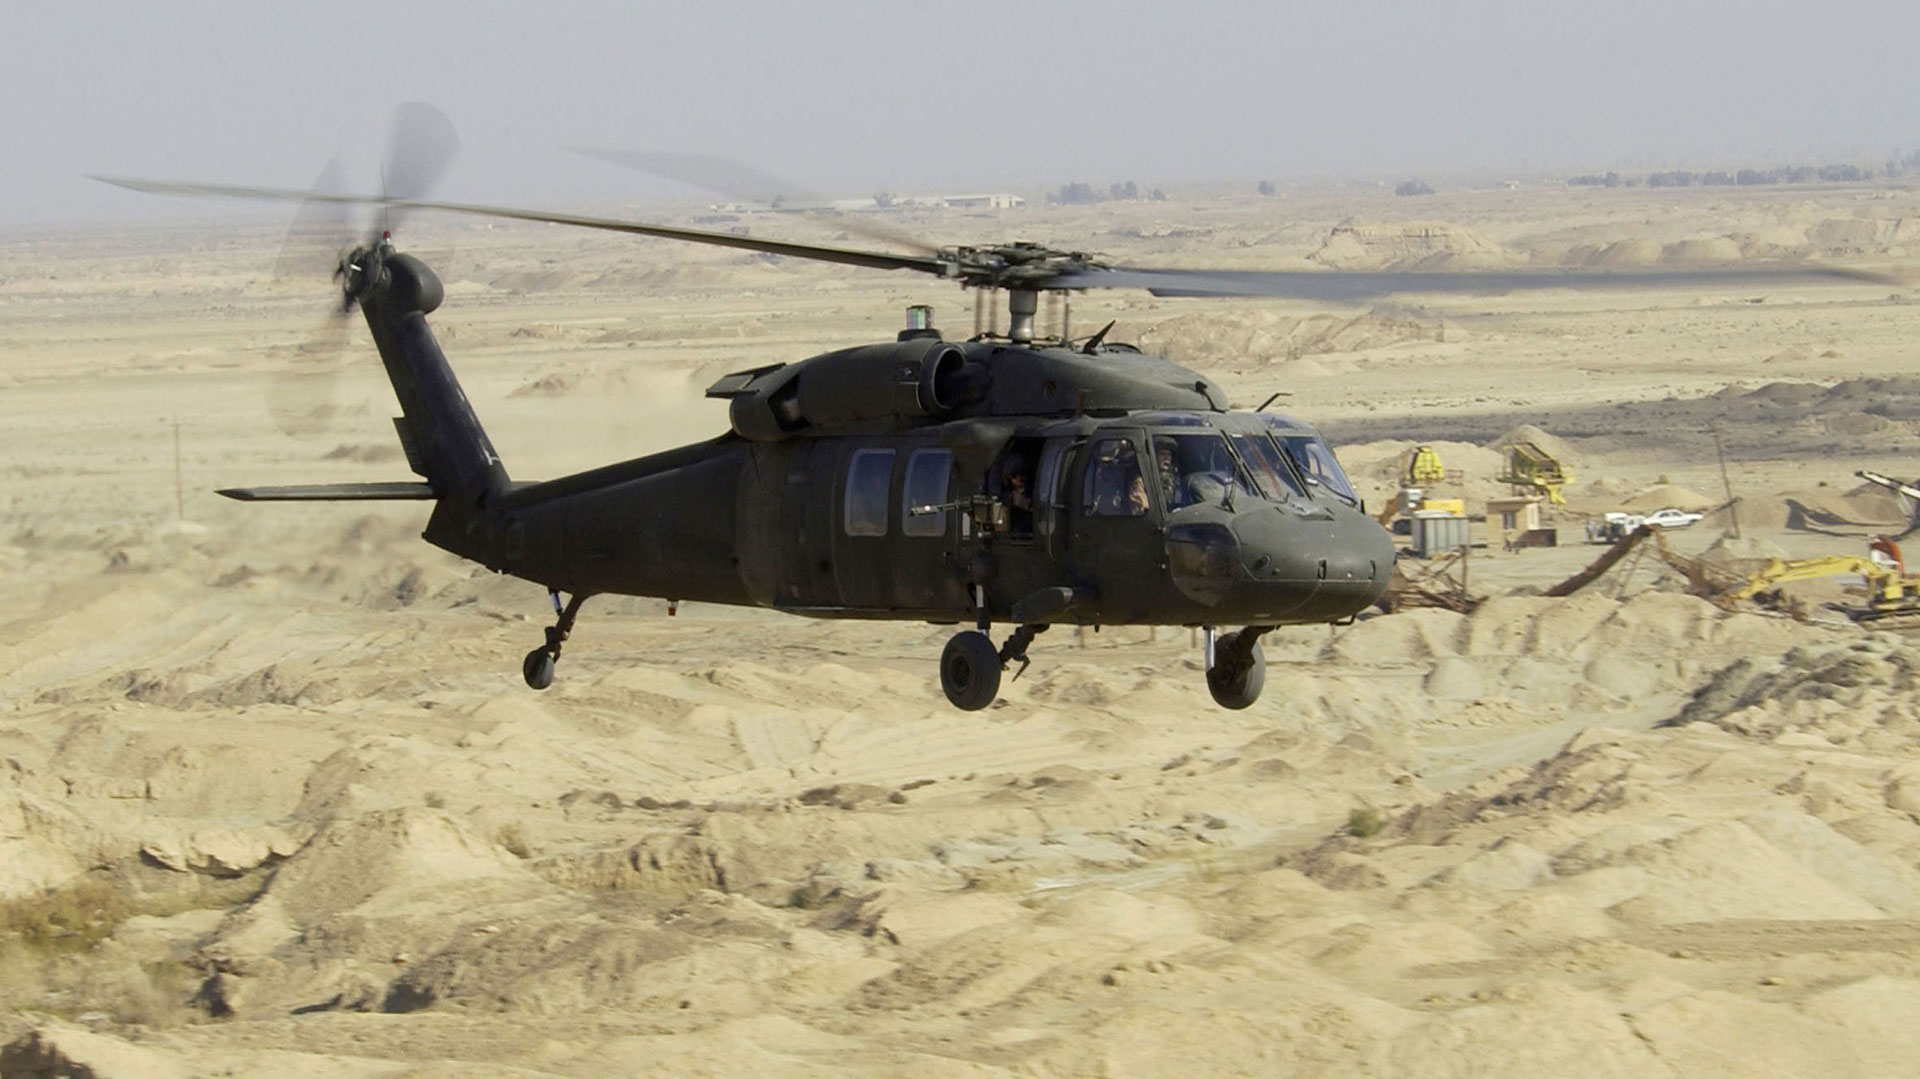 Un Sikorksy UH-60 Black Hawk